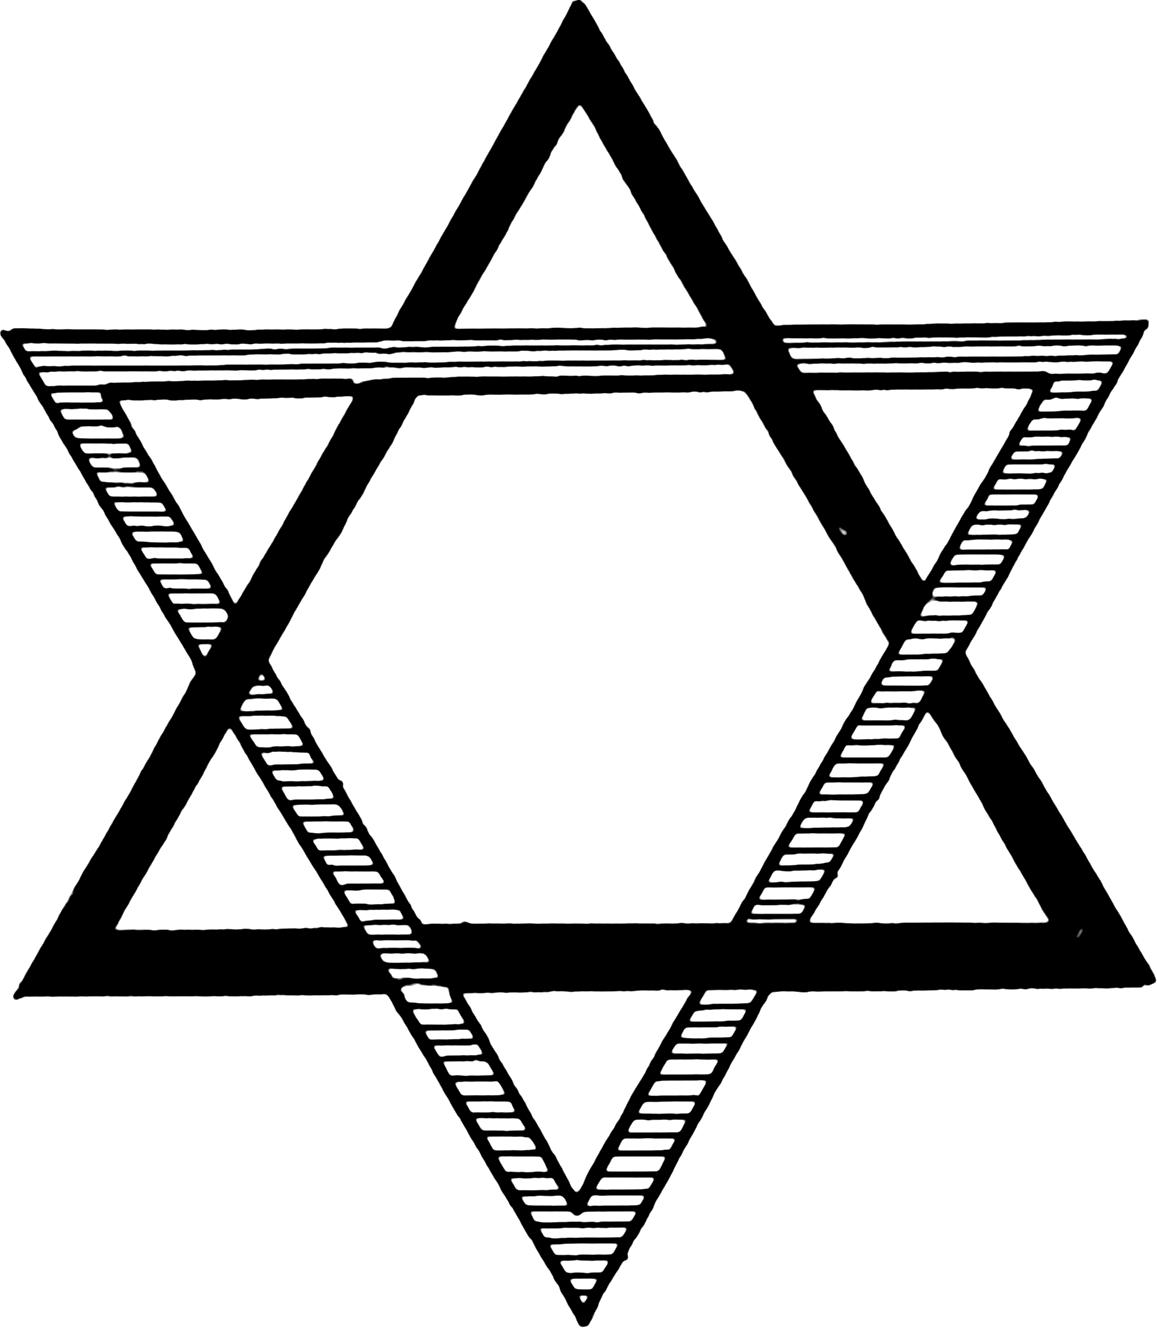 """Мастер-класс """"Ритуальная магия.Идеальные формы-символы  для управления магической энергией"""".Занятие №4. Solomon's_seal_(PSF)"""